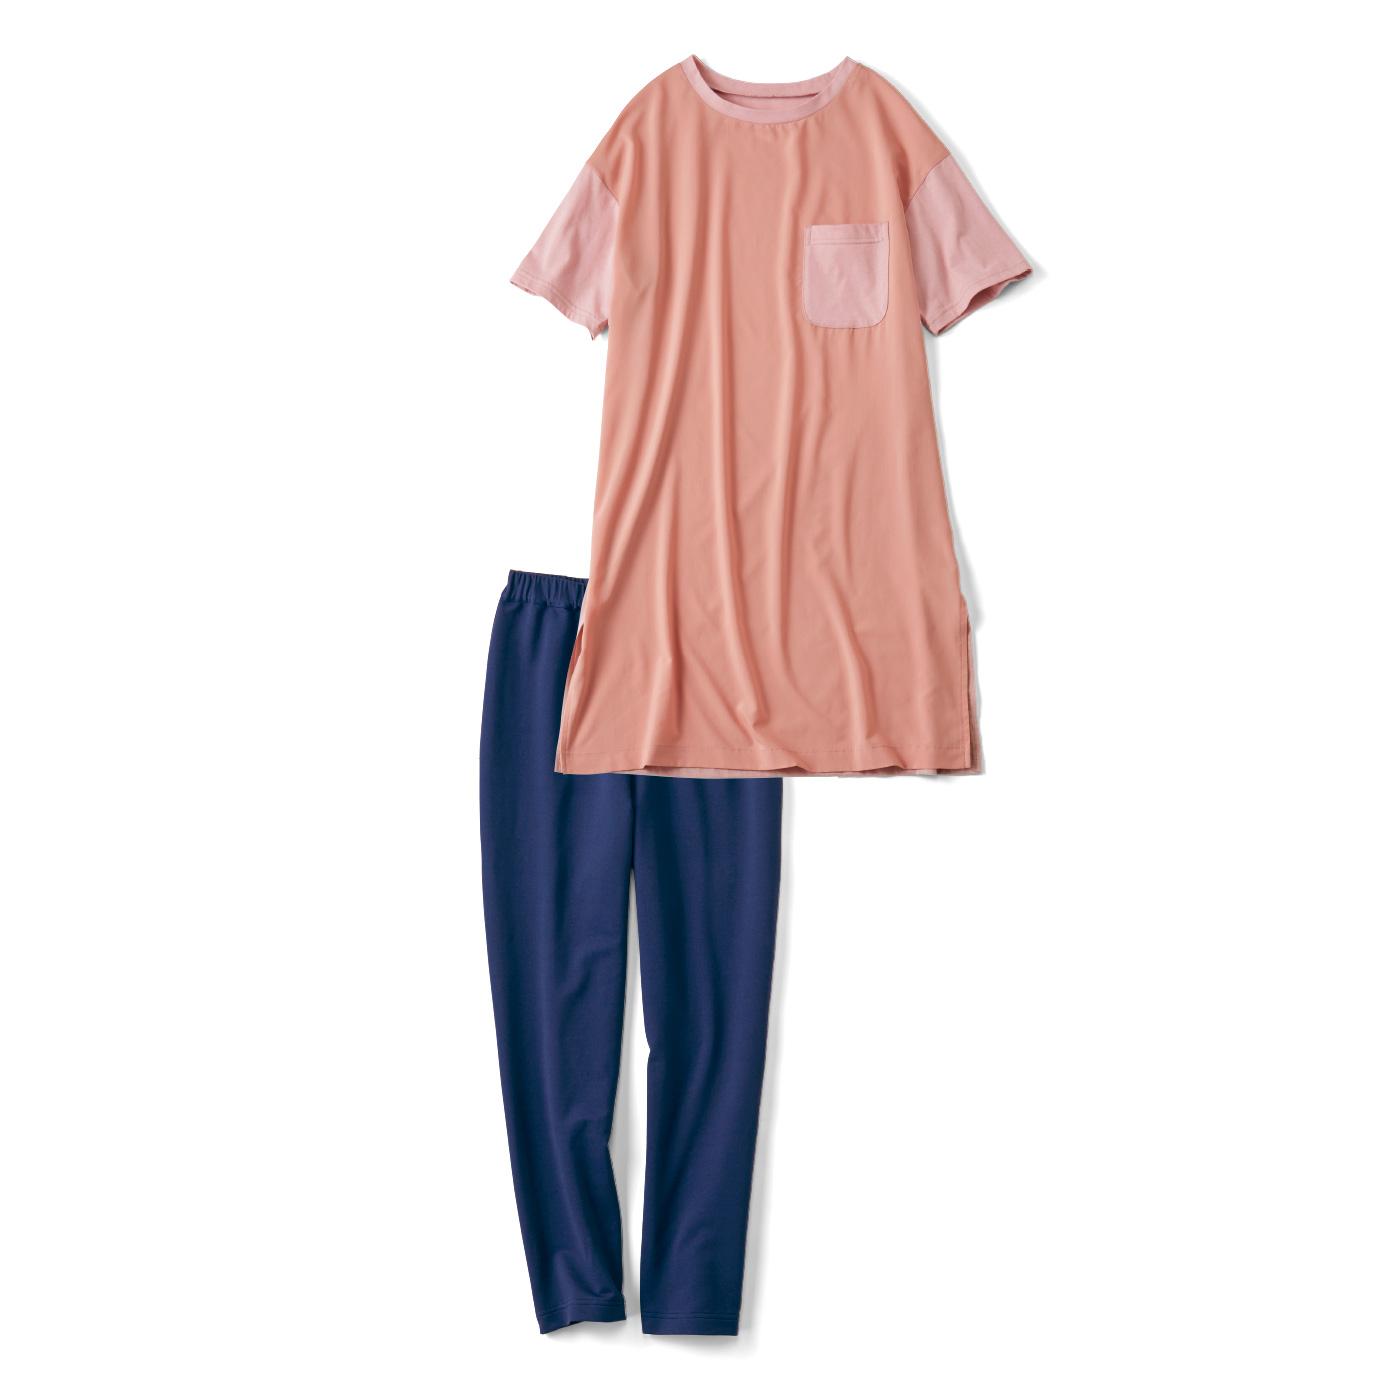 簡単! 今風シルエットのTシャツワンピ+レギンスセット〈ピンク×ネイビー〉